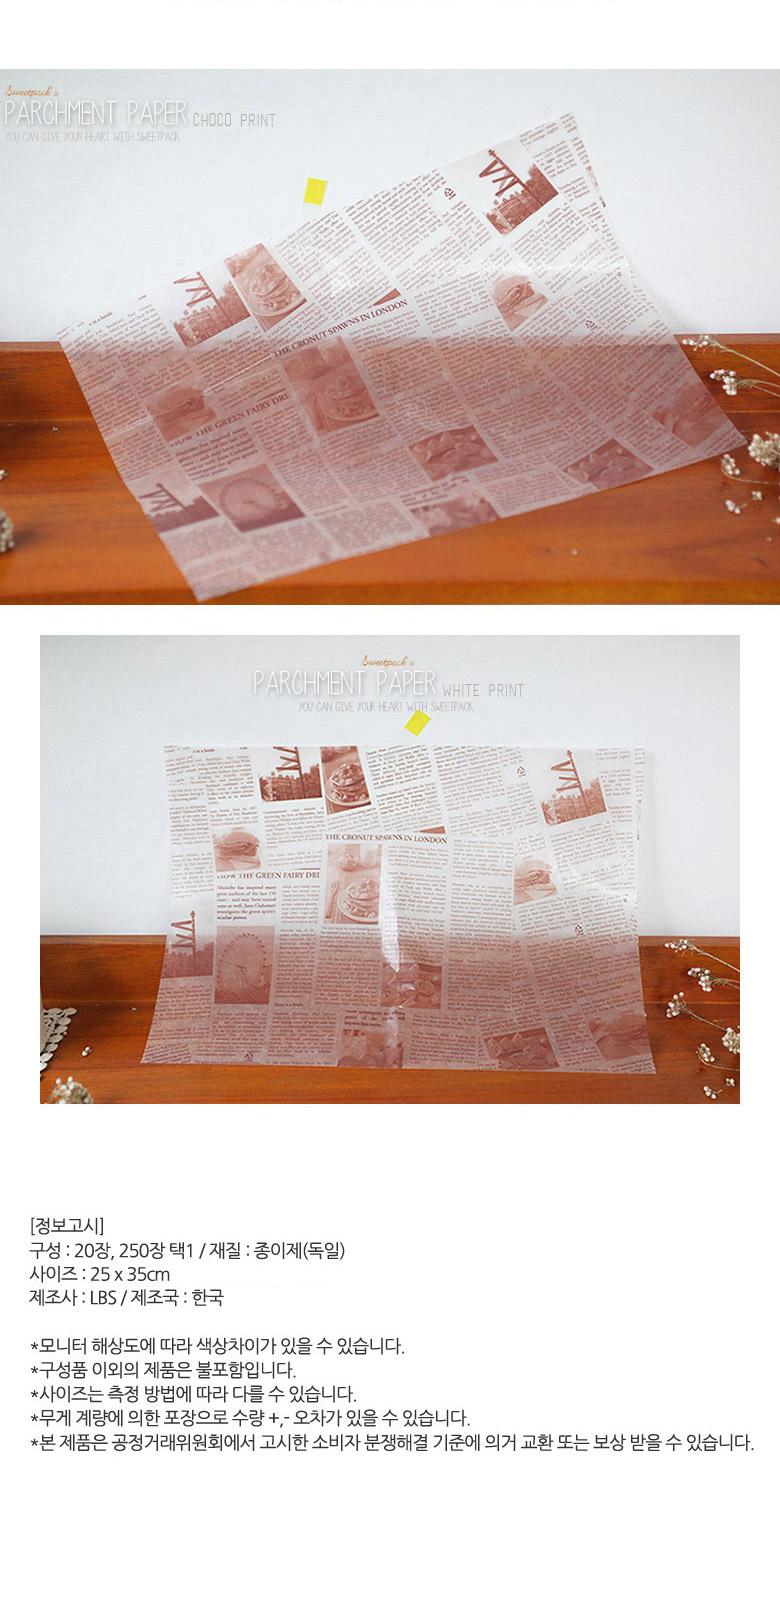 유산지 쟁반깔지 초코 뉴스페이퍼 20장 - 이홈베이킹, 1,100원, DIY재료, 포장용구